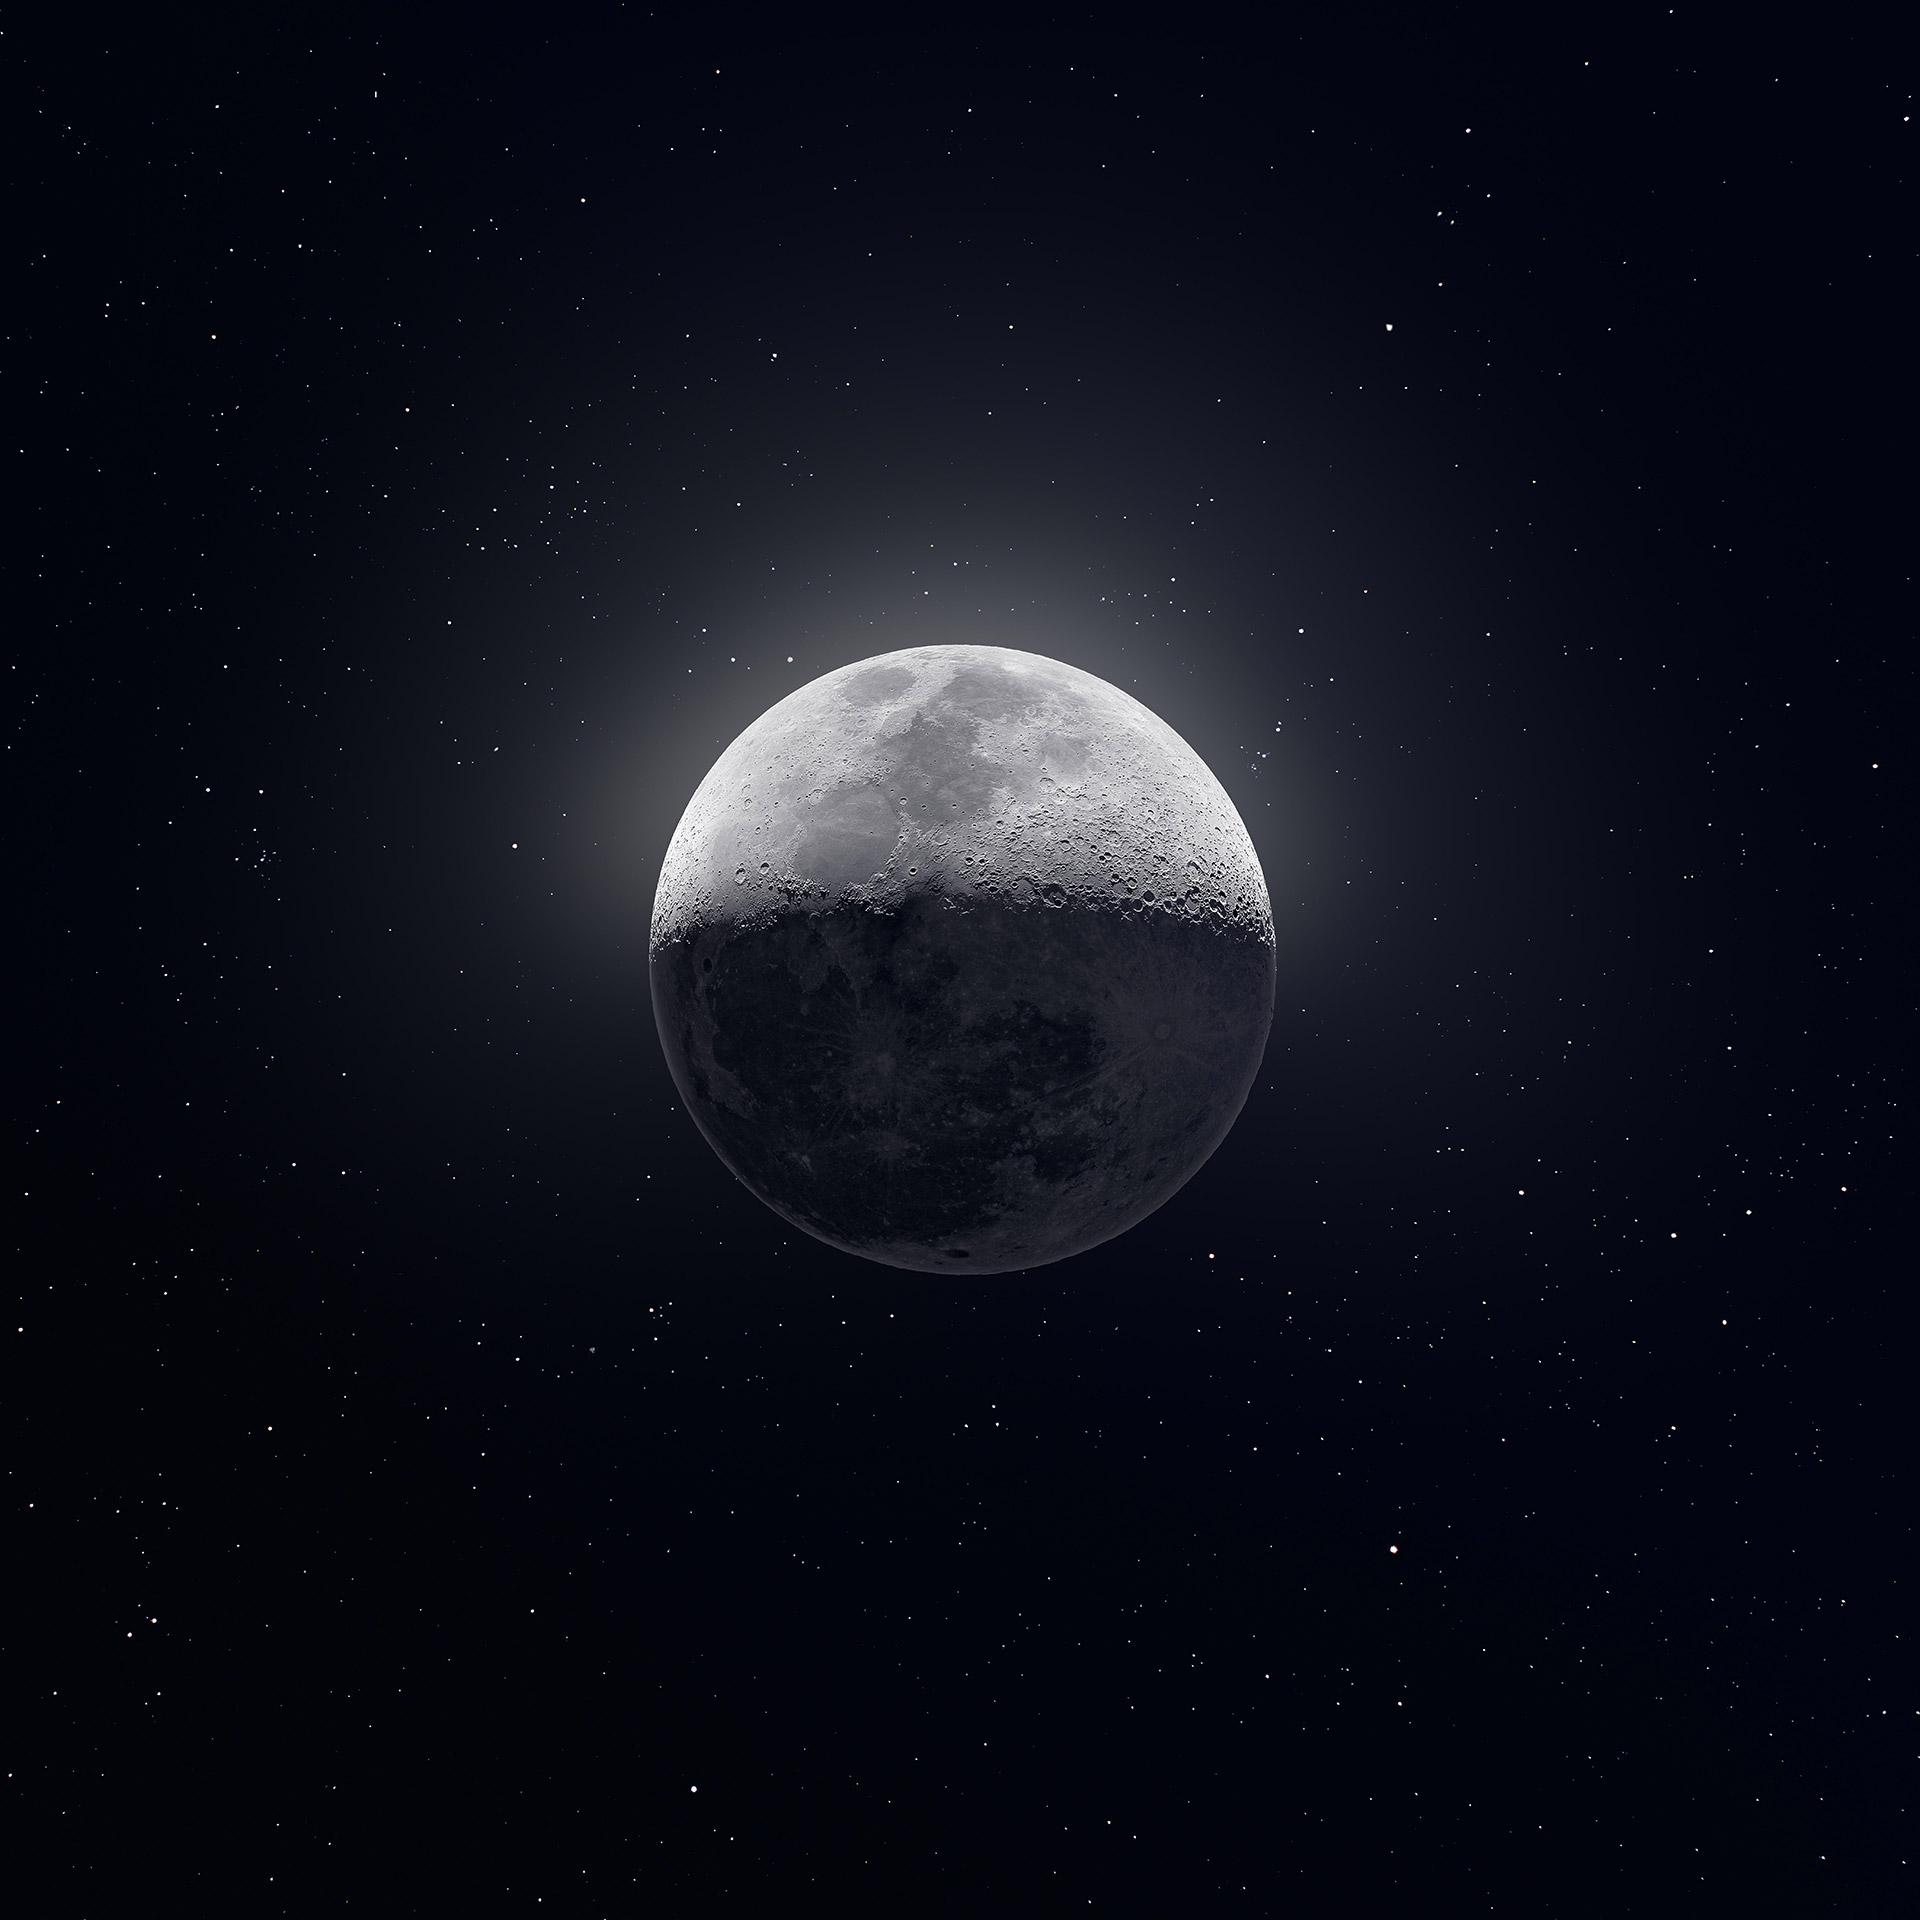 На фото: Луна, спутник Земли. Фотография составлена из 50000 снимков астрофотографом Эндрю МакКарти 12 февраля 2019.